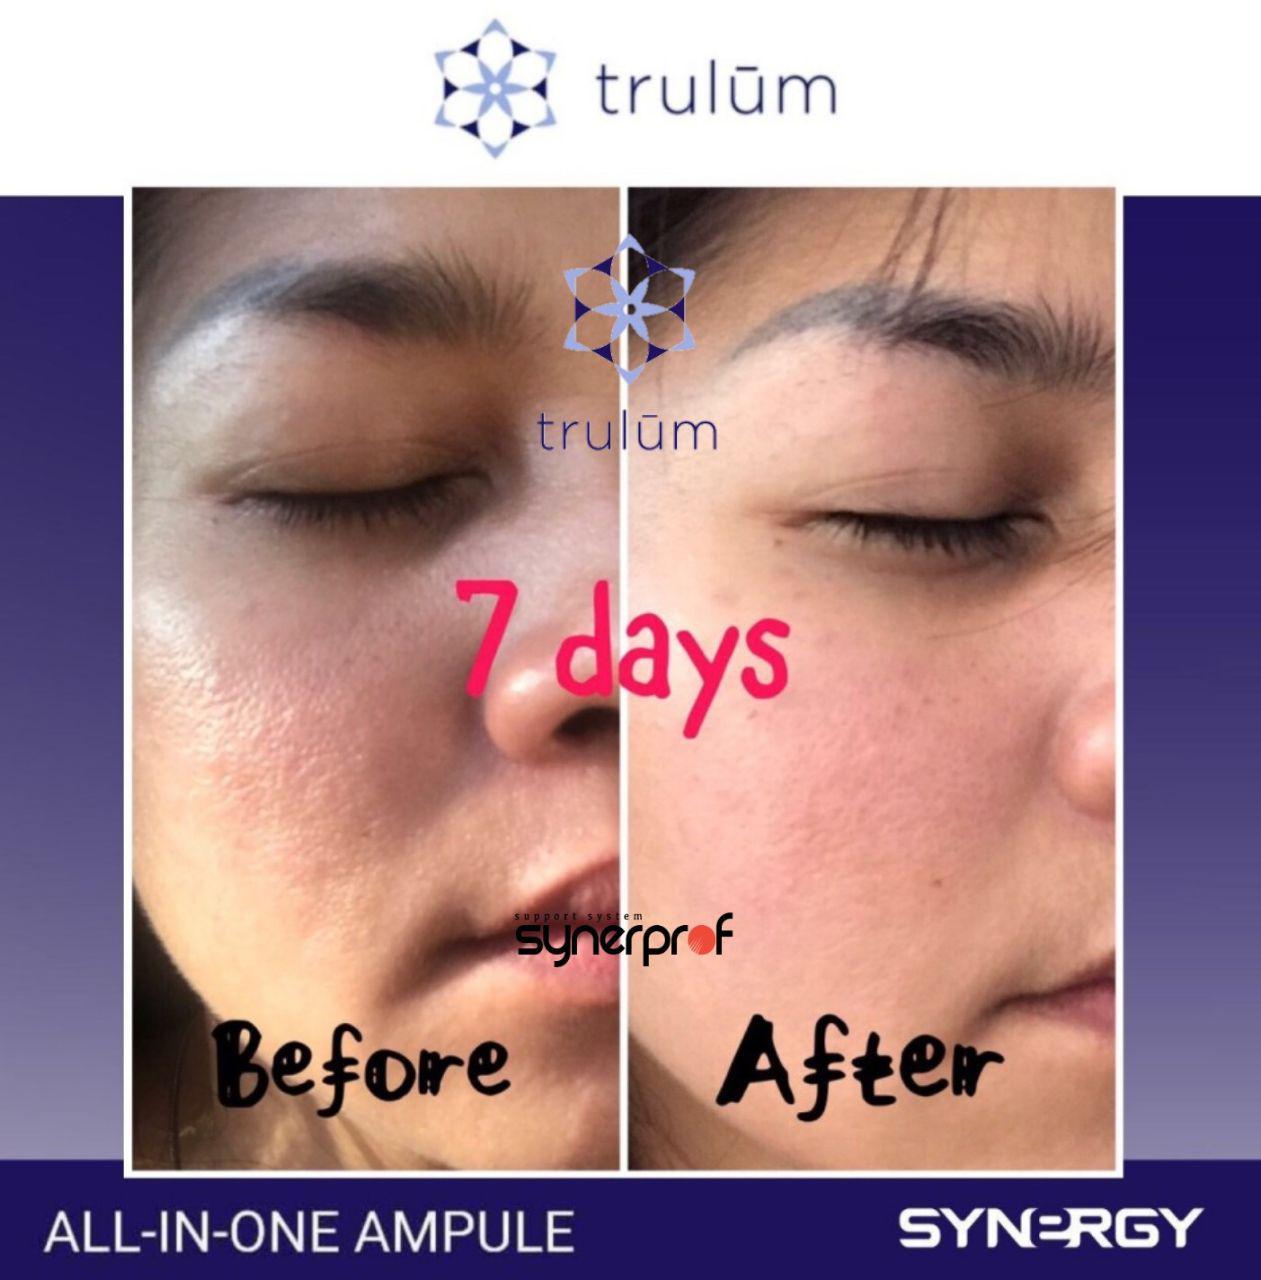 Klinik Kecantikan Trulum Skincare Synergy Di Randuagung, Lumajang WA: 08112338376